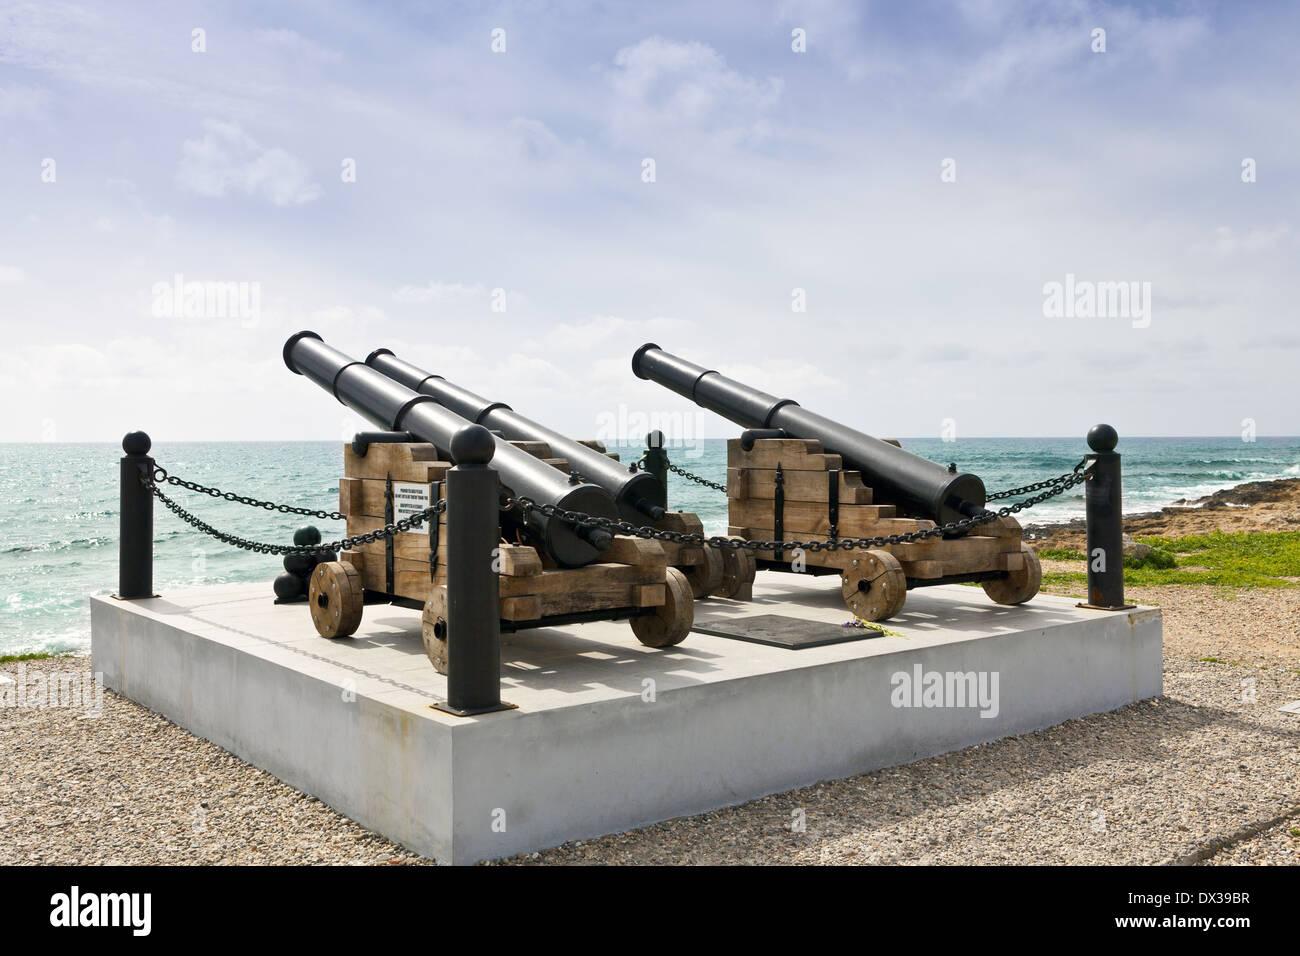 Historische Waffen am Hafen von Paphos, Zypern mit Blick aufs Meer. Stockbild